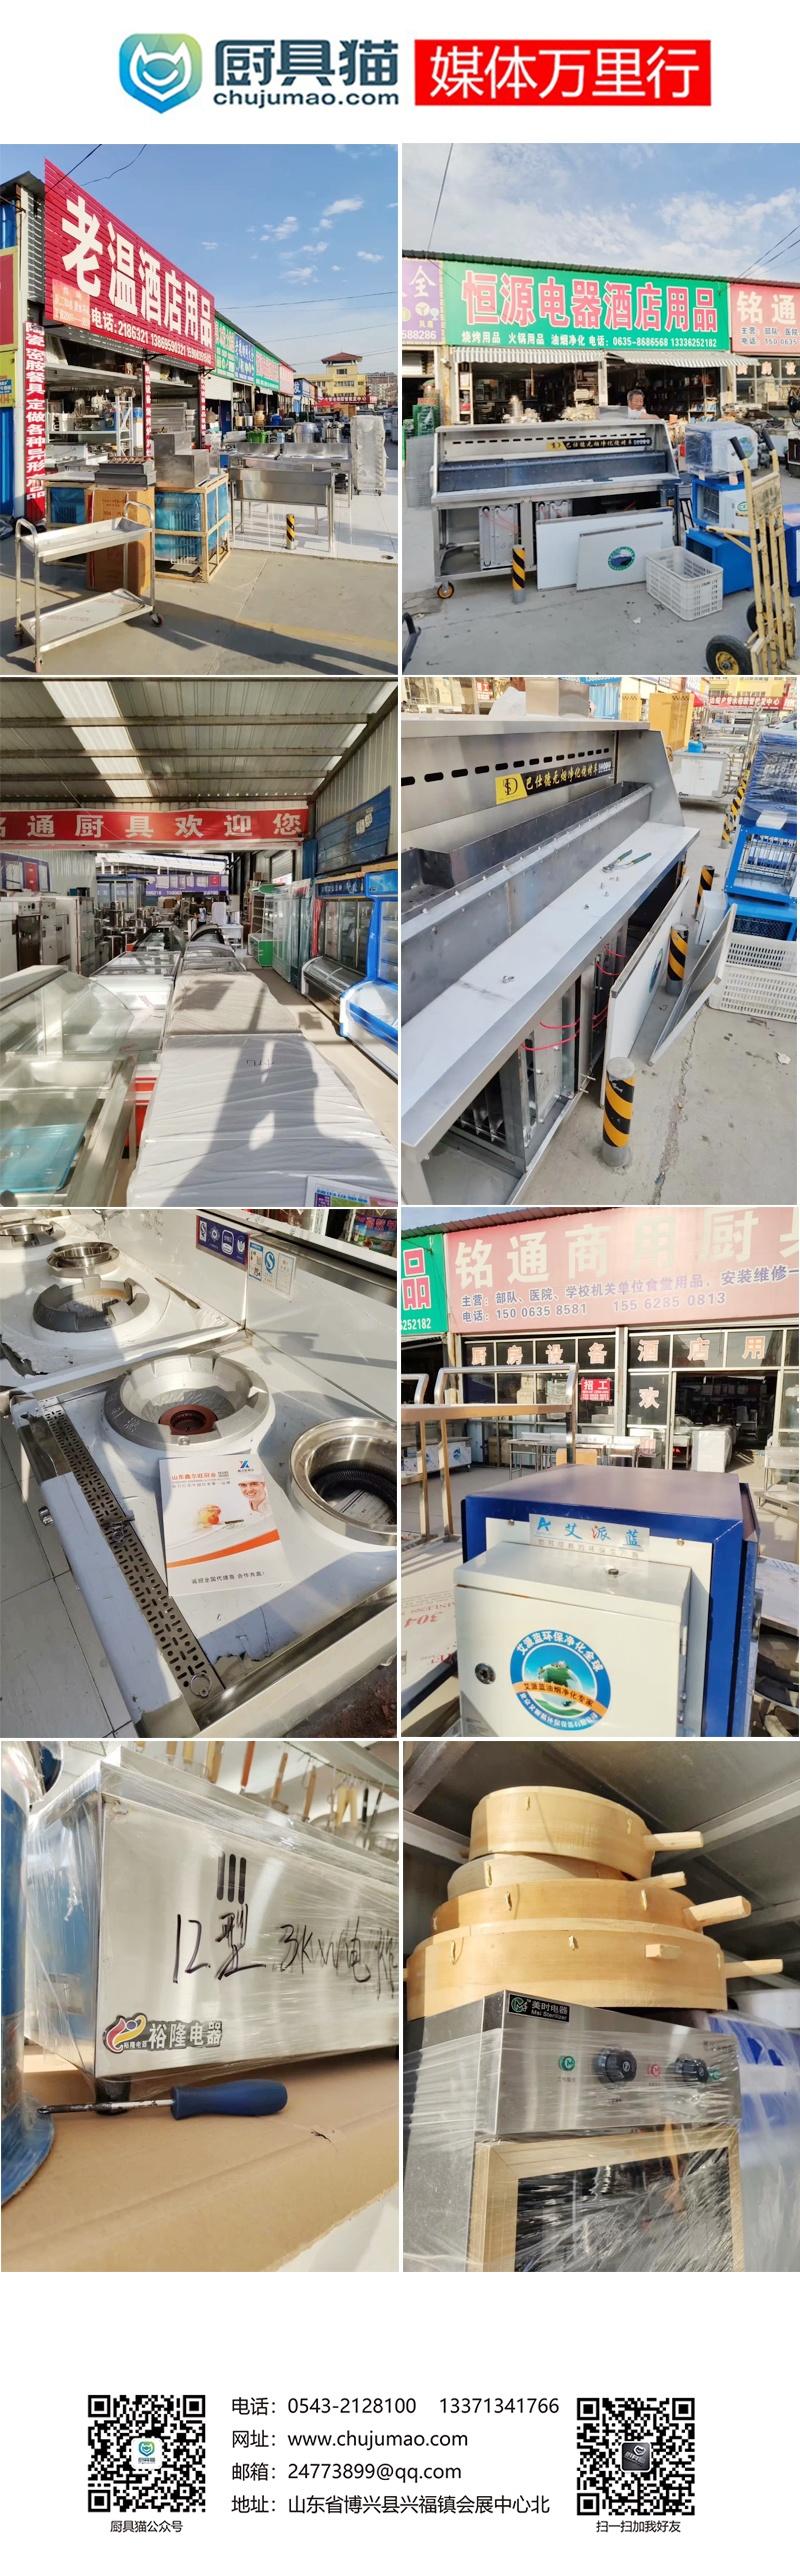 山东聊城市地毯式推广 让经销商关注公众号 一键推送厂家产品图片 视频